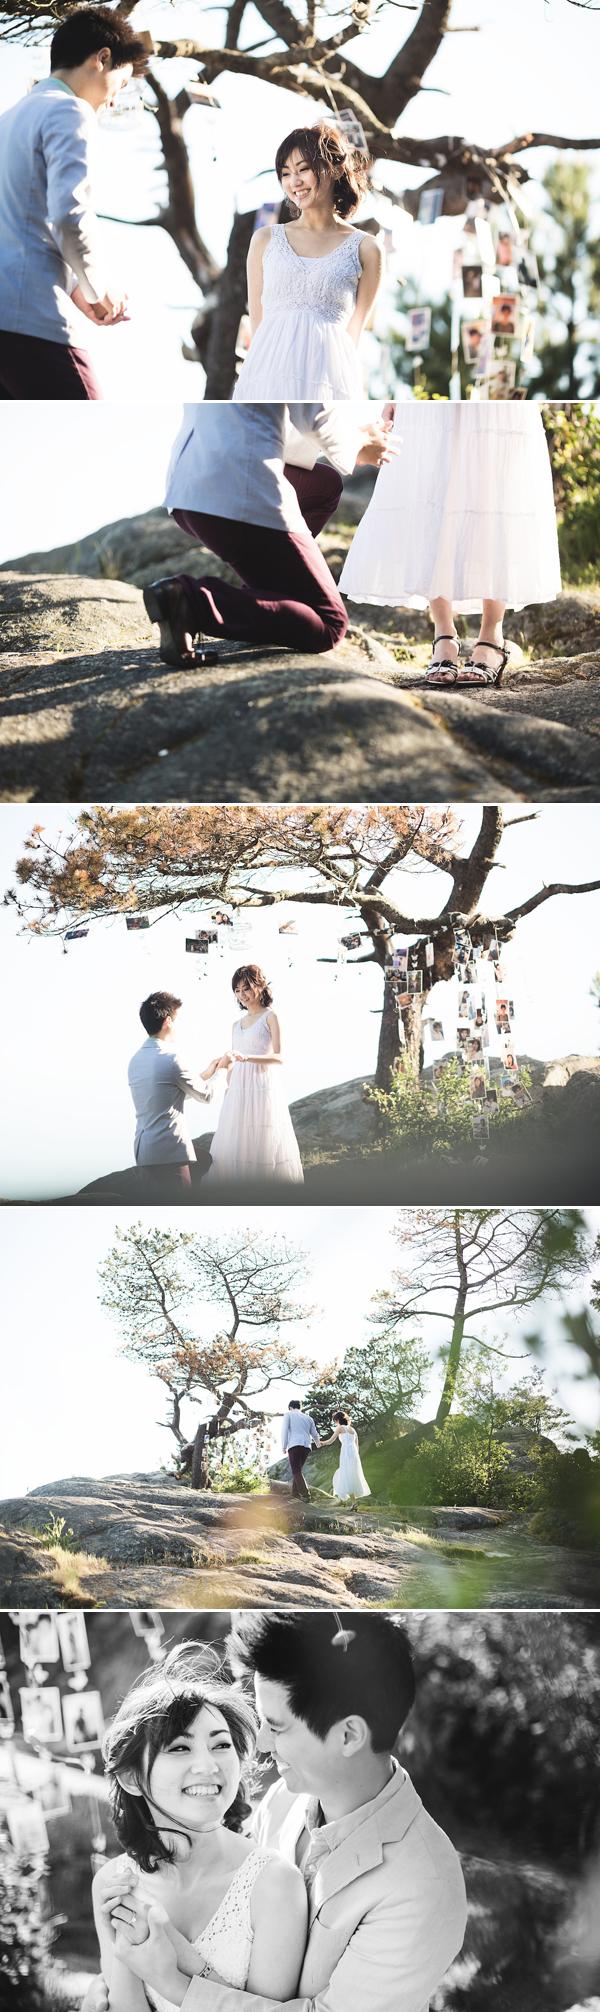 Kunioo-eric-angela04